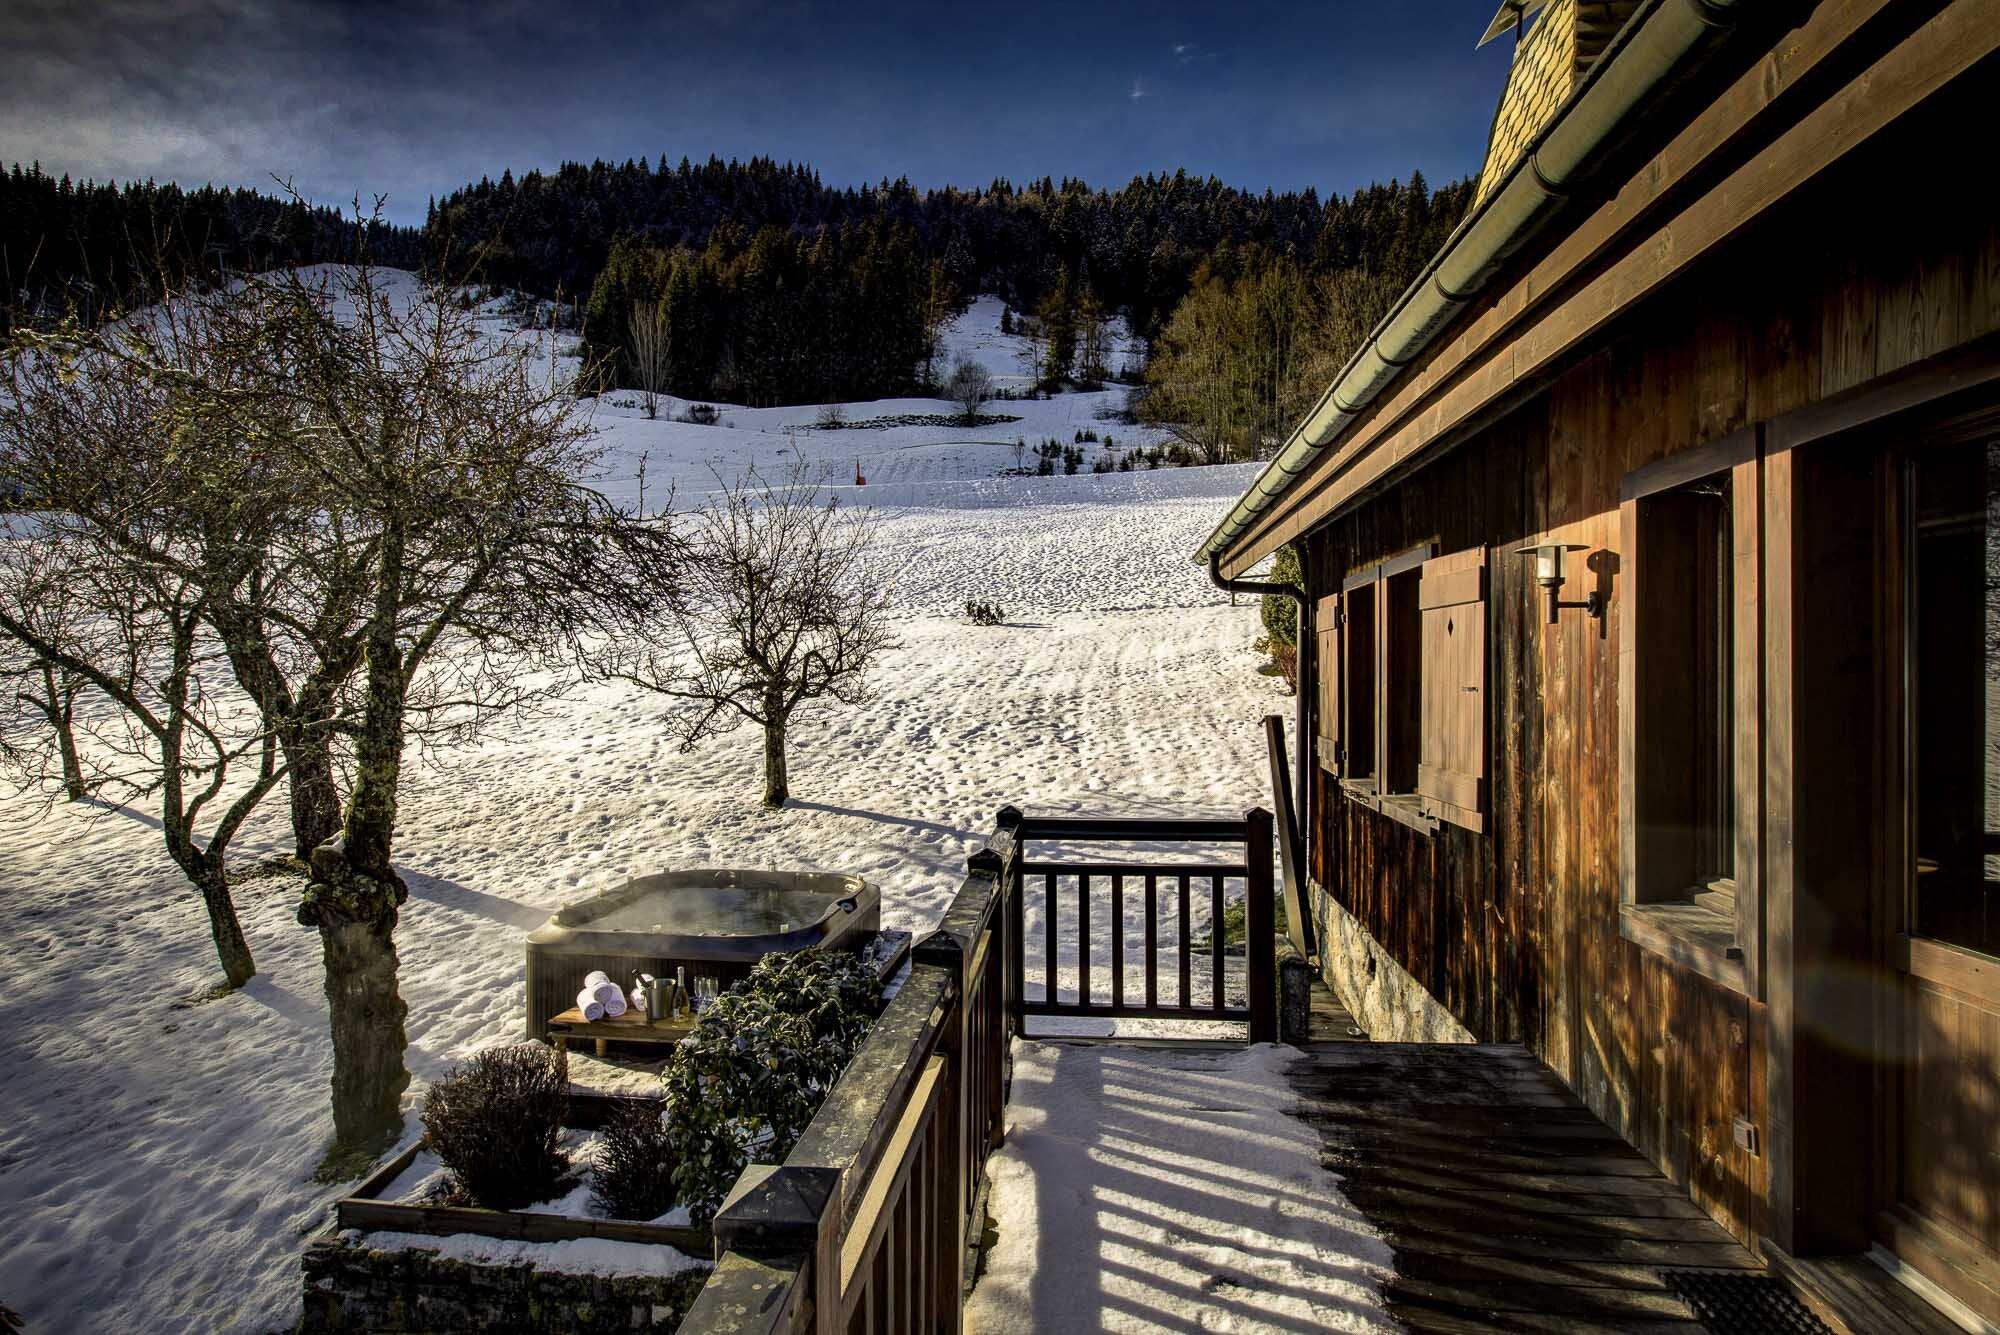 tg-ski-chalet-du-bois-morzine-003.jpg